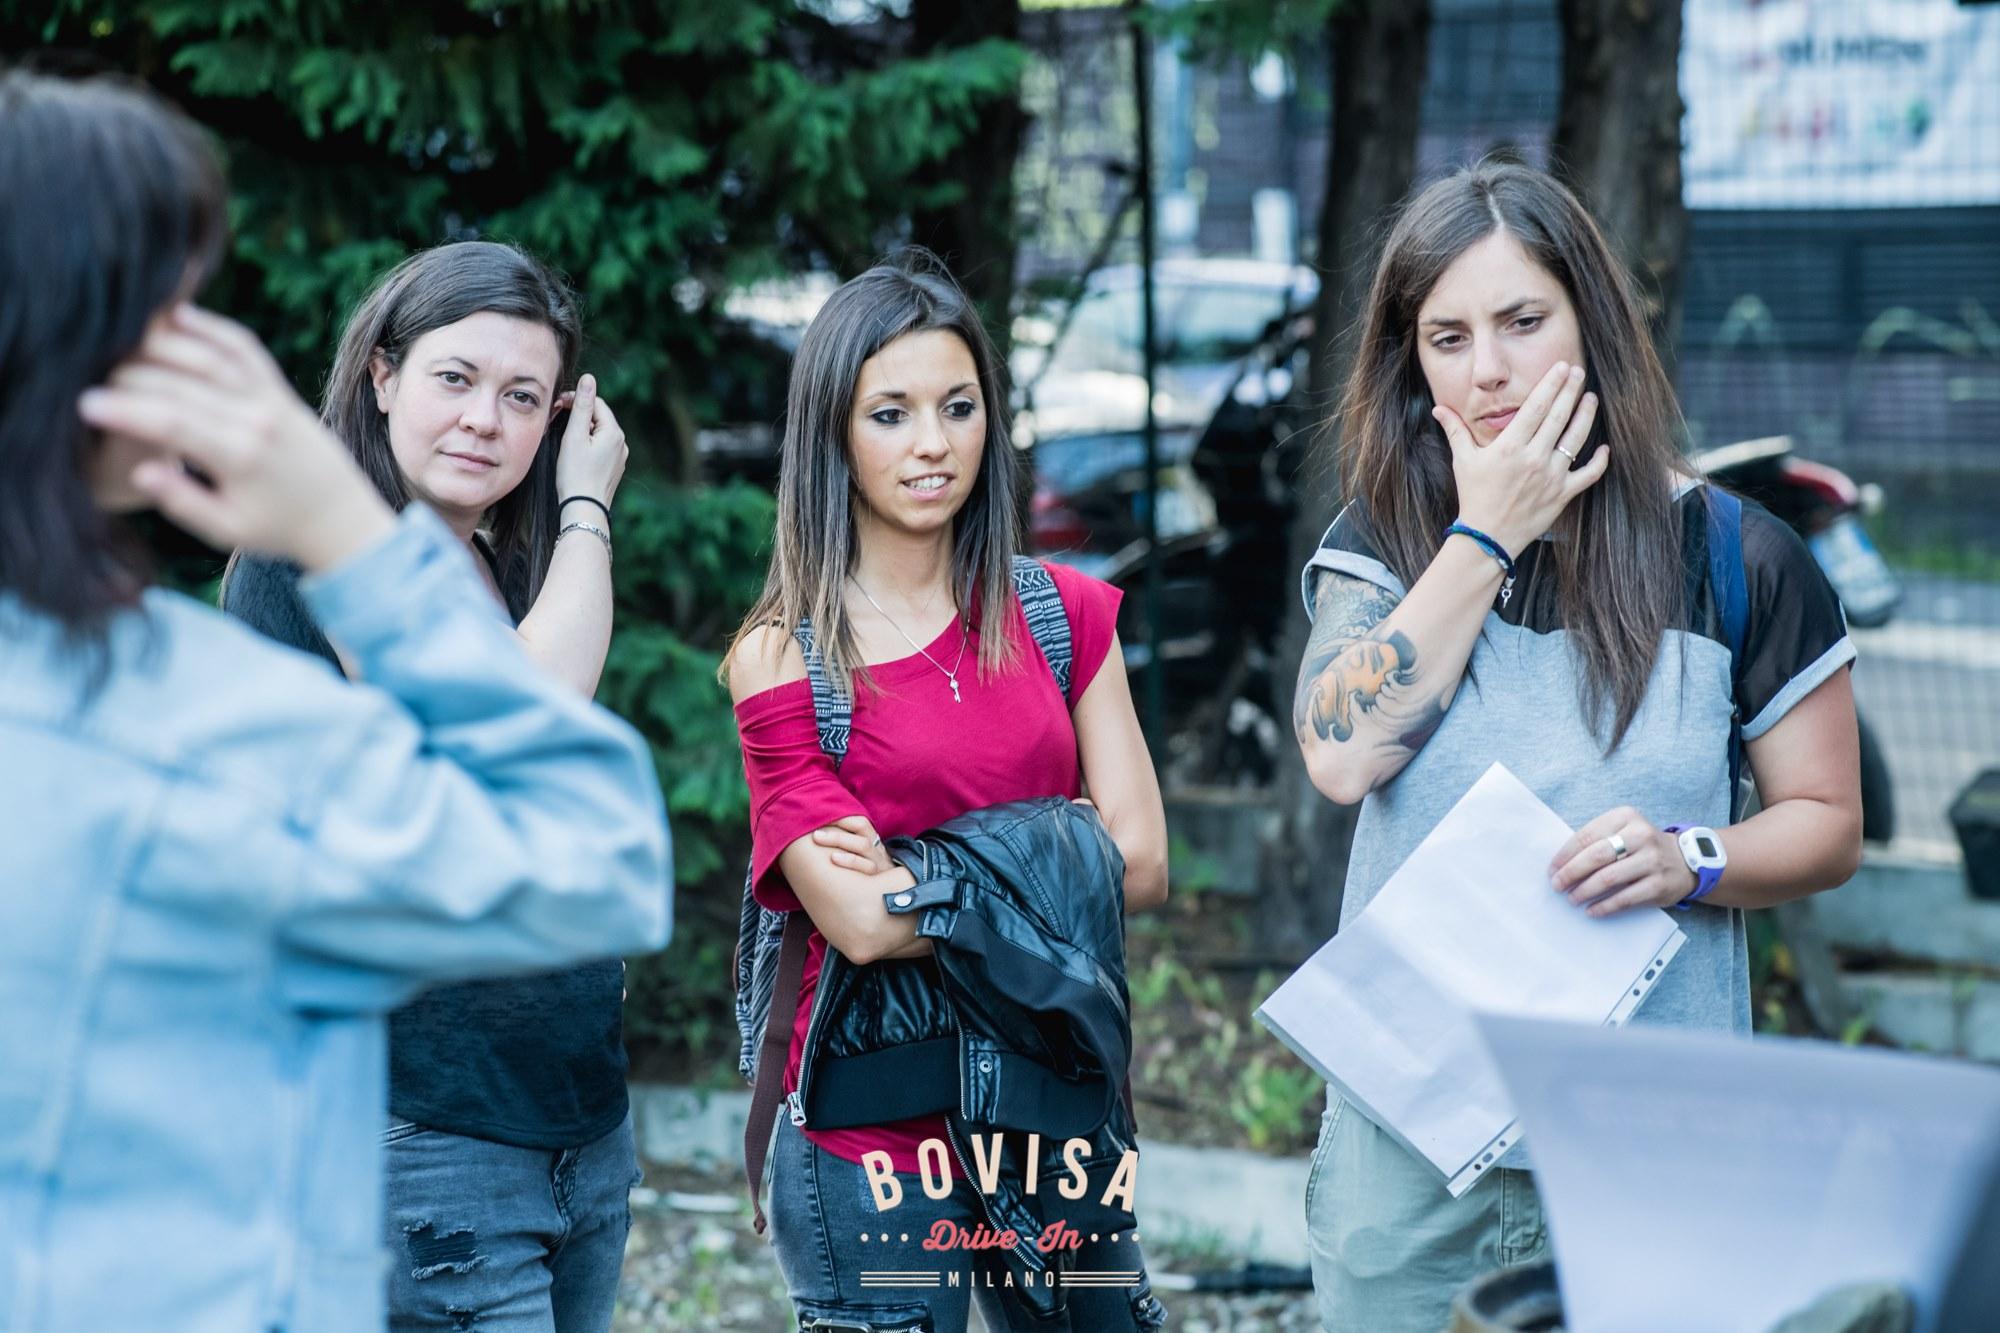 #2 Bovisa Drive-In next event 5-6-7 luglio cinema food truck bar attrazioni milano